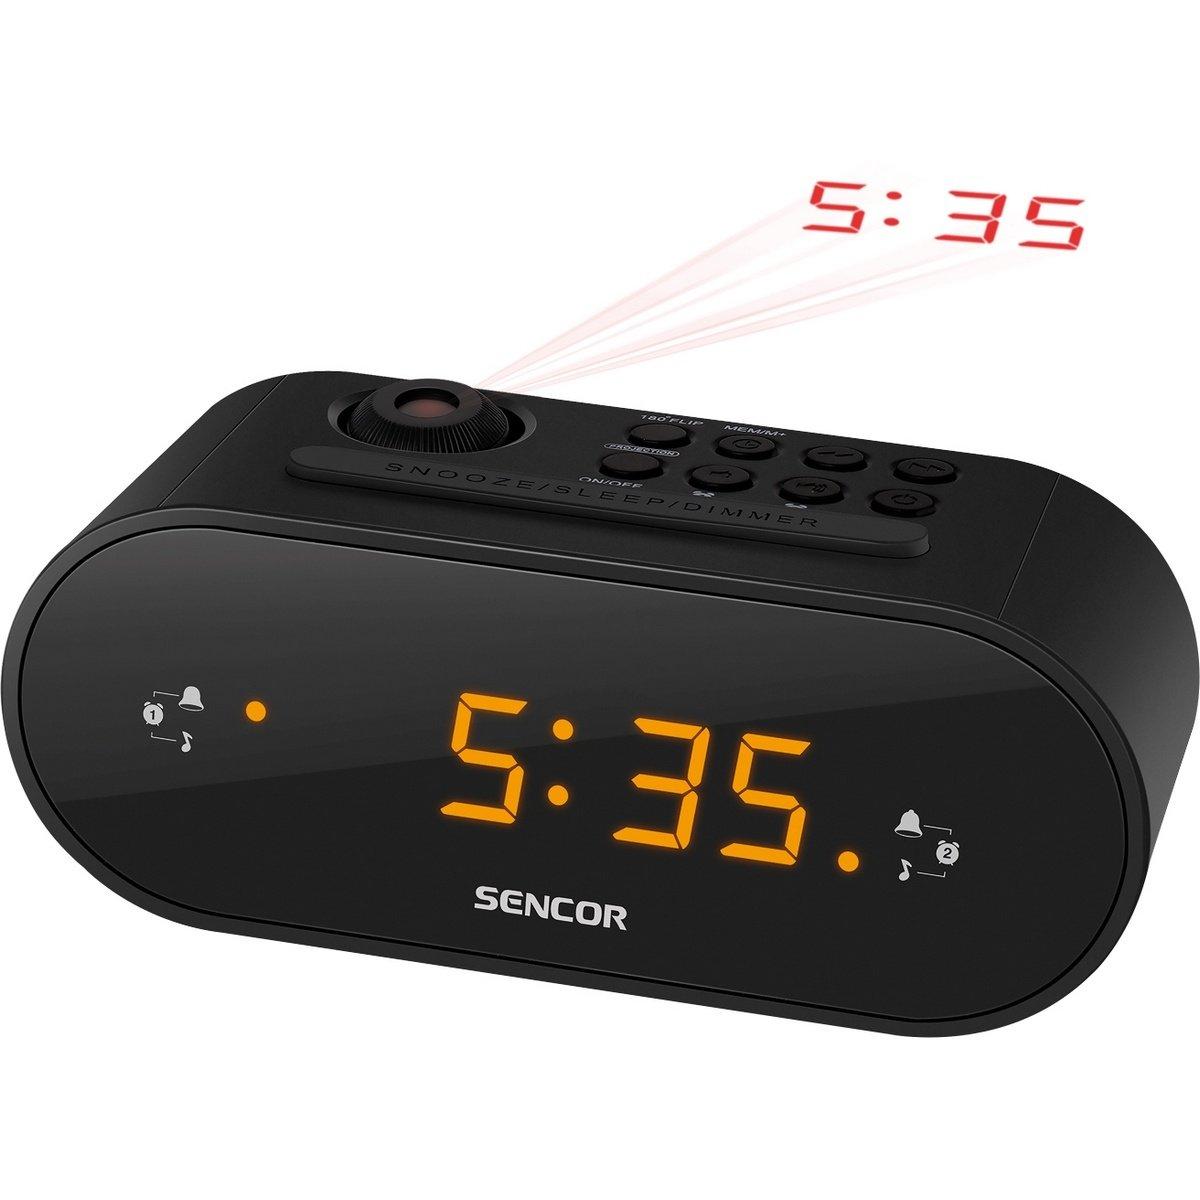 Sencor SRC 3100 B Radiobudík s projekcí